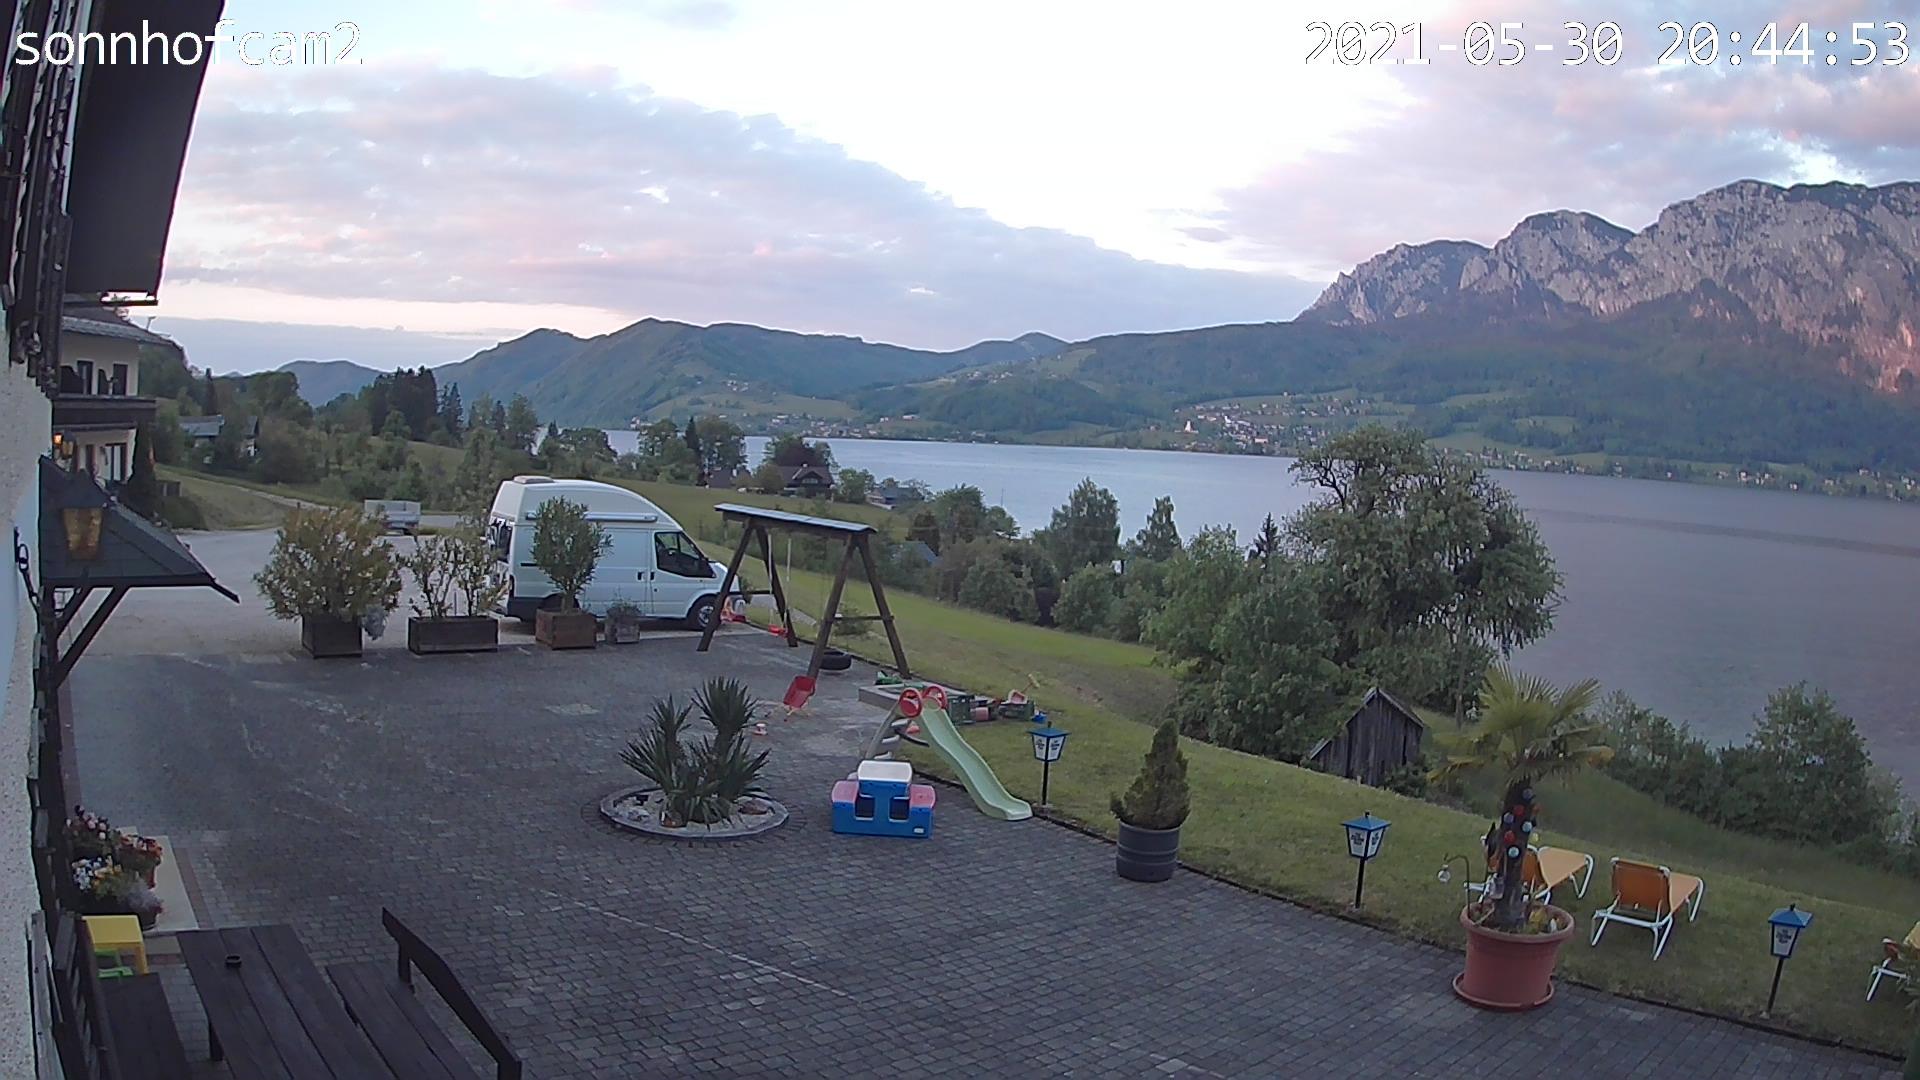 Webcam Attersee - NO